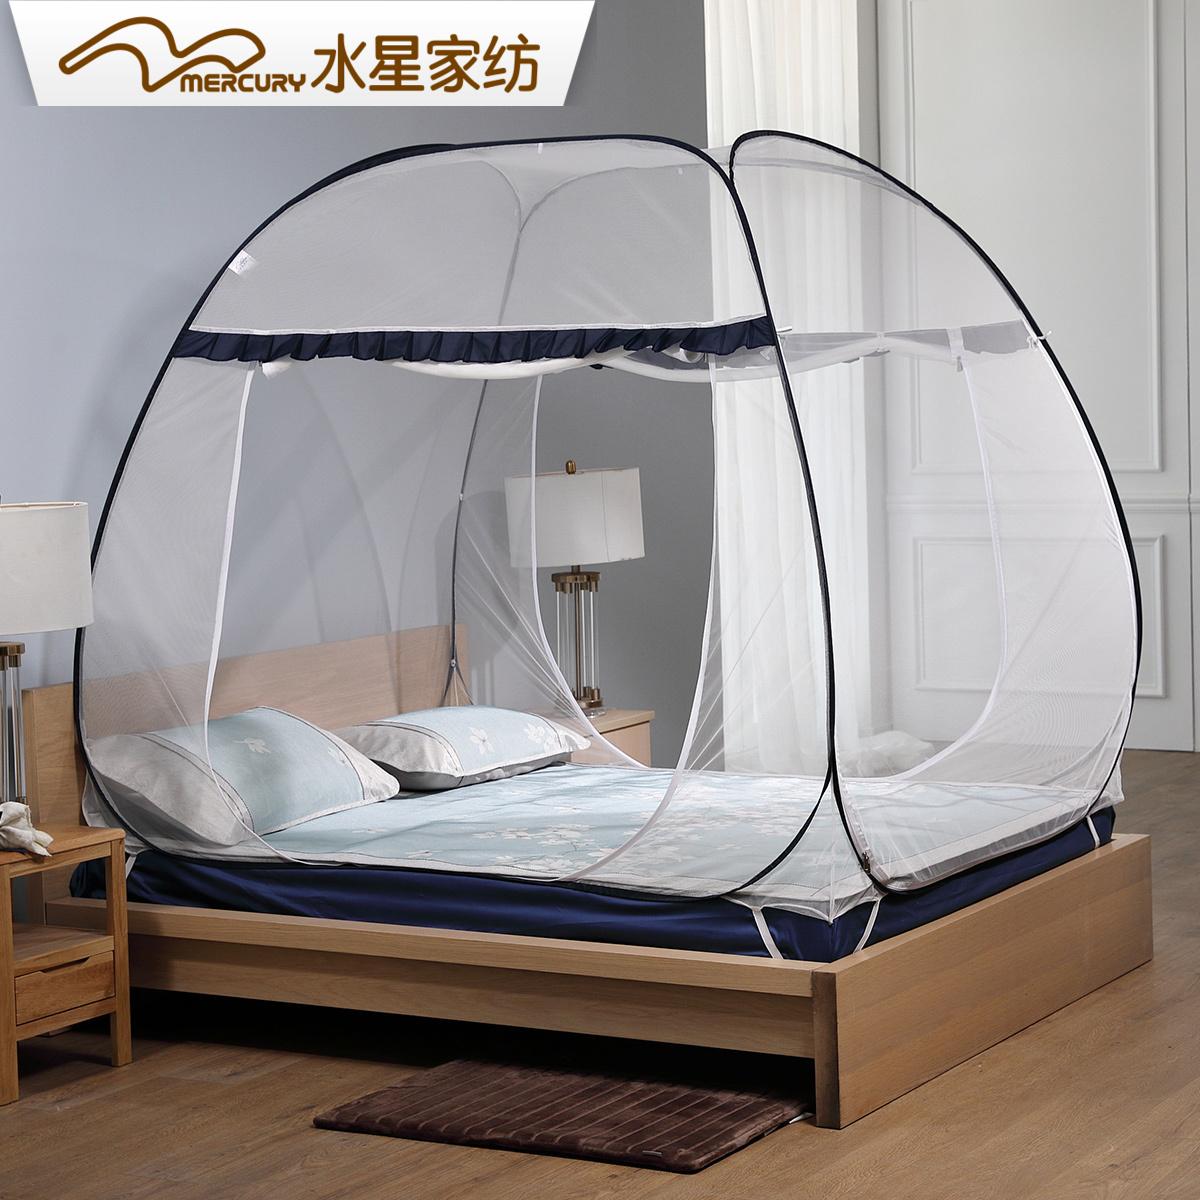 水星家纺蚊帐可折叠1.5m1.8m双人圆顶蒙古包蚊帐宿舍学生床上用品